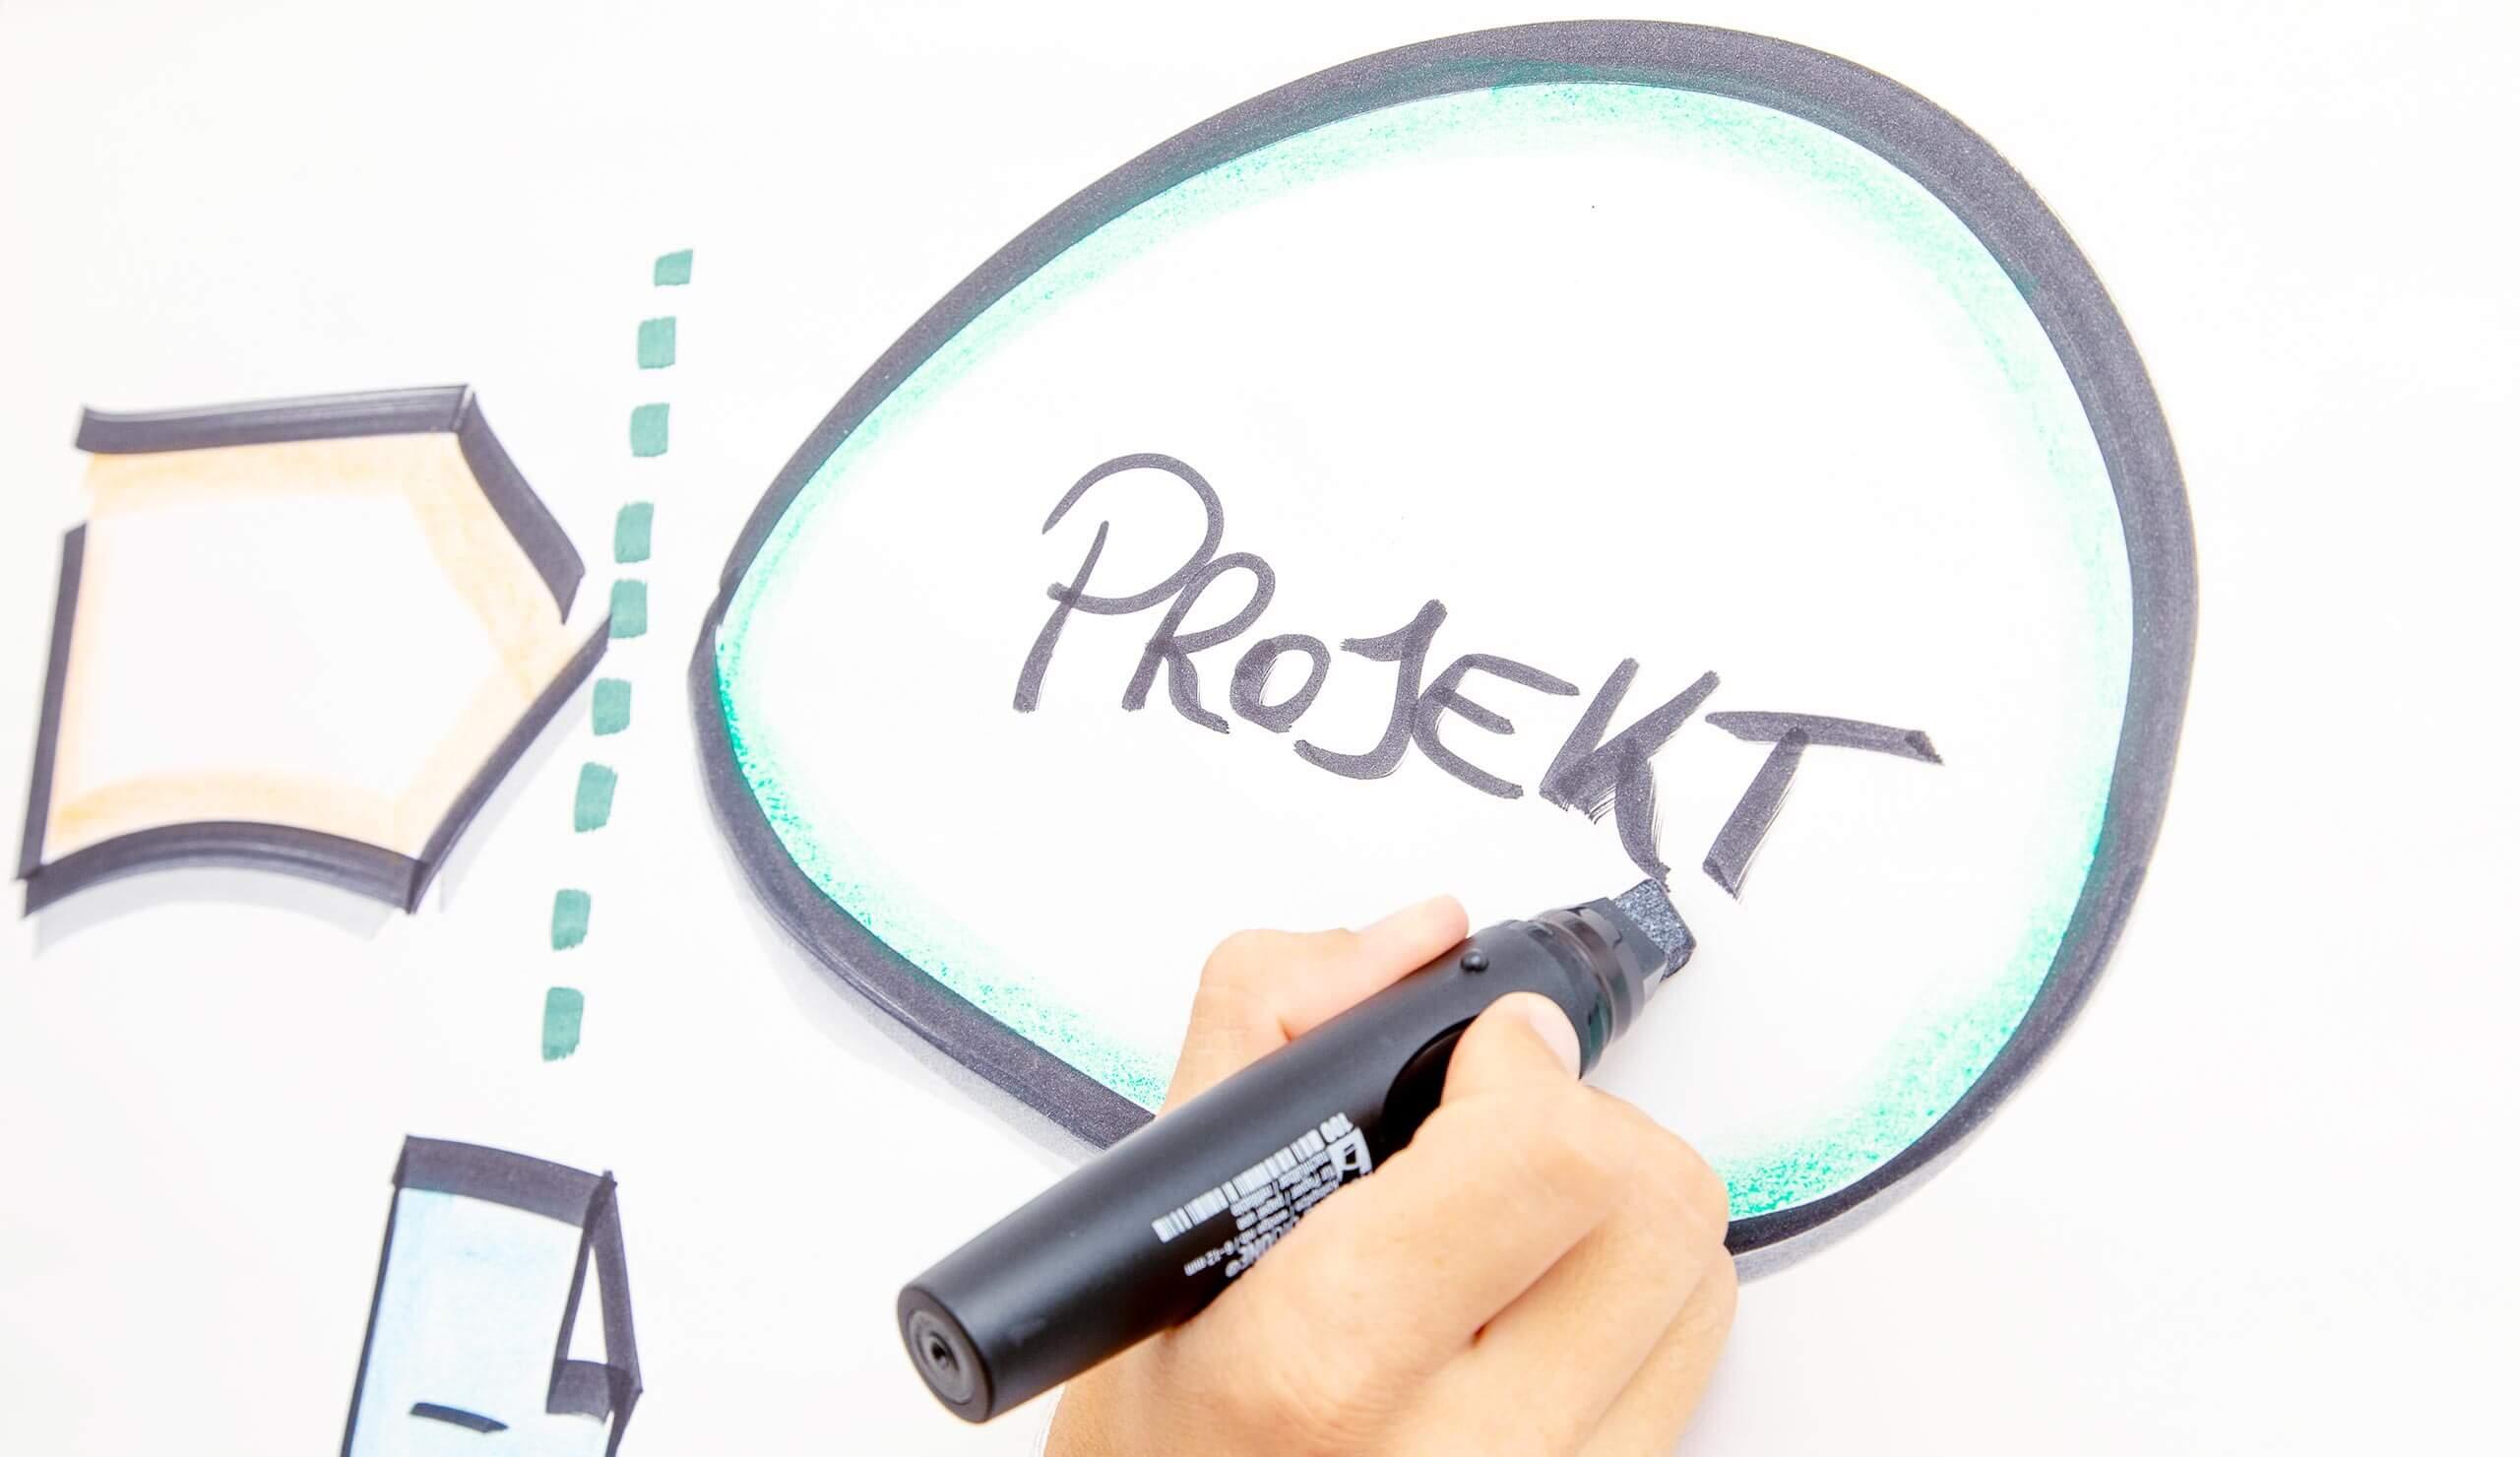 Projekte unterbrechen: 5 Punkte damit es gelingt!